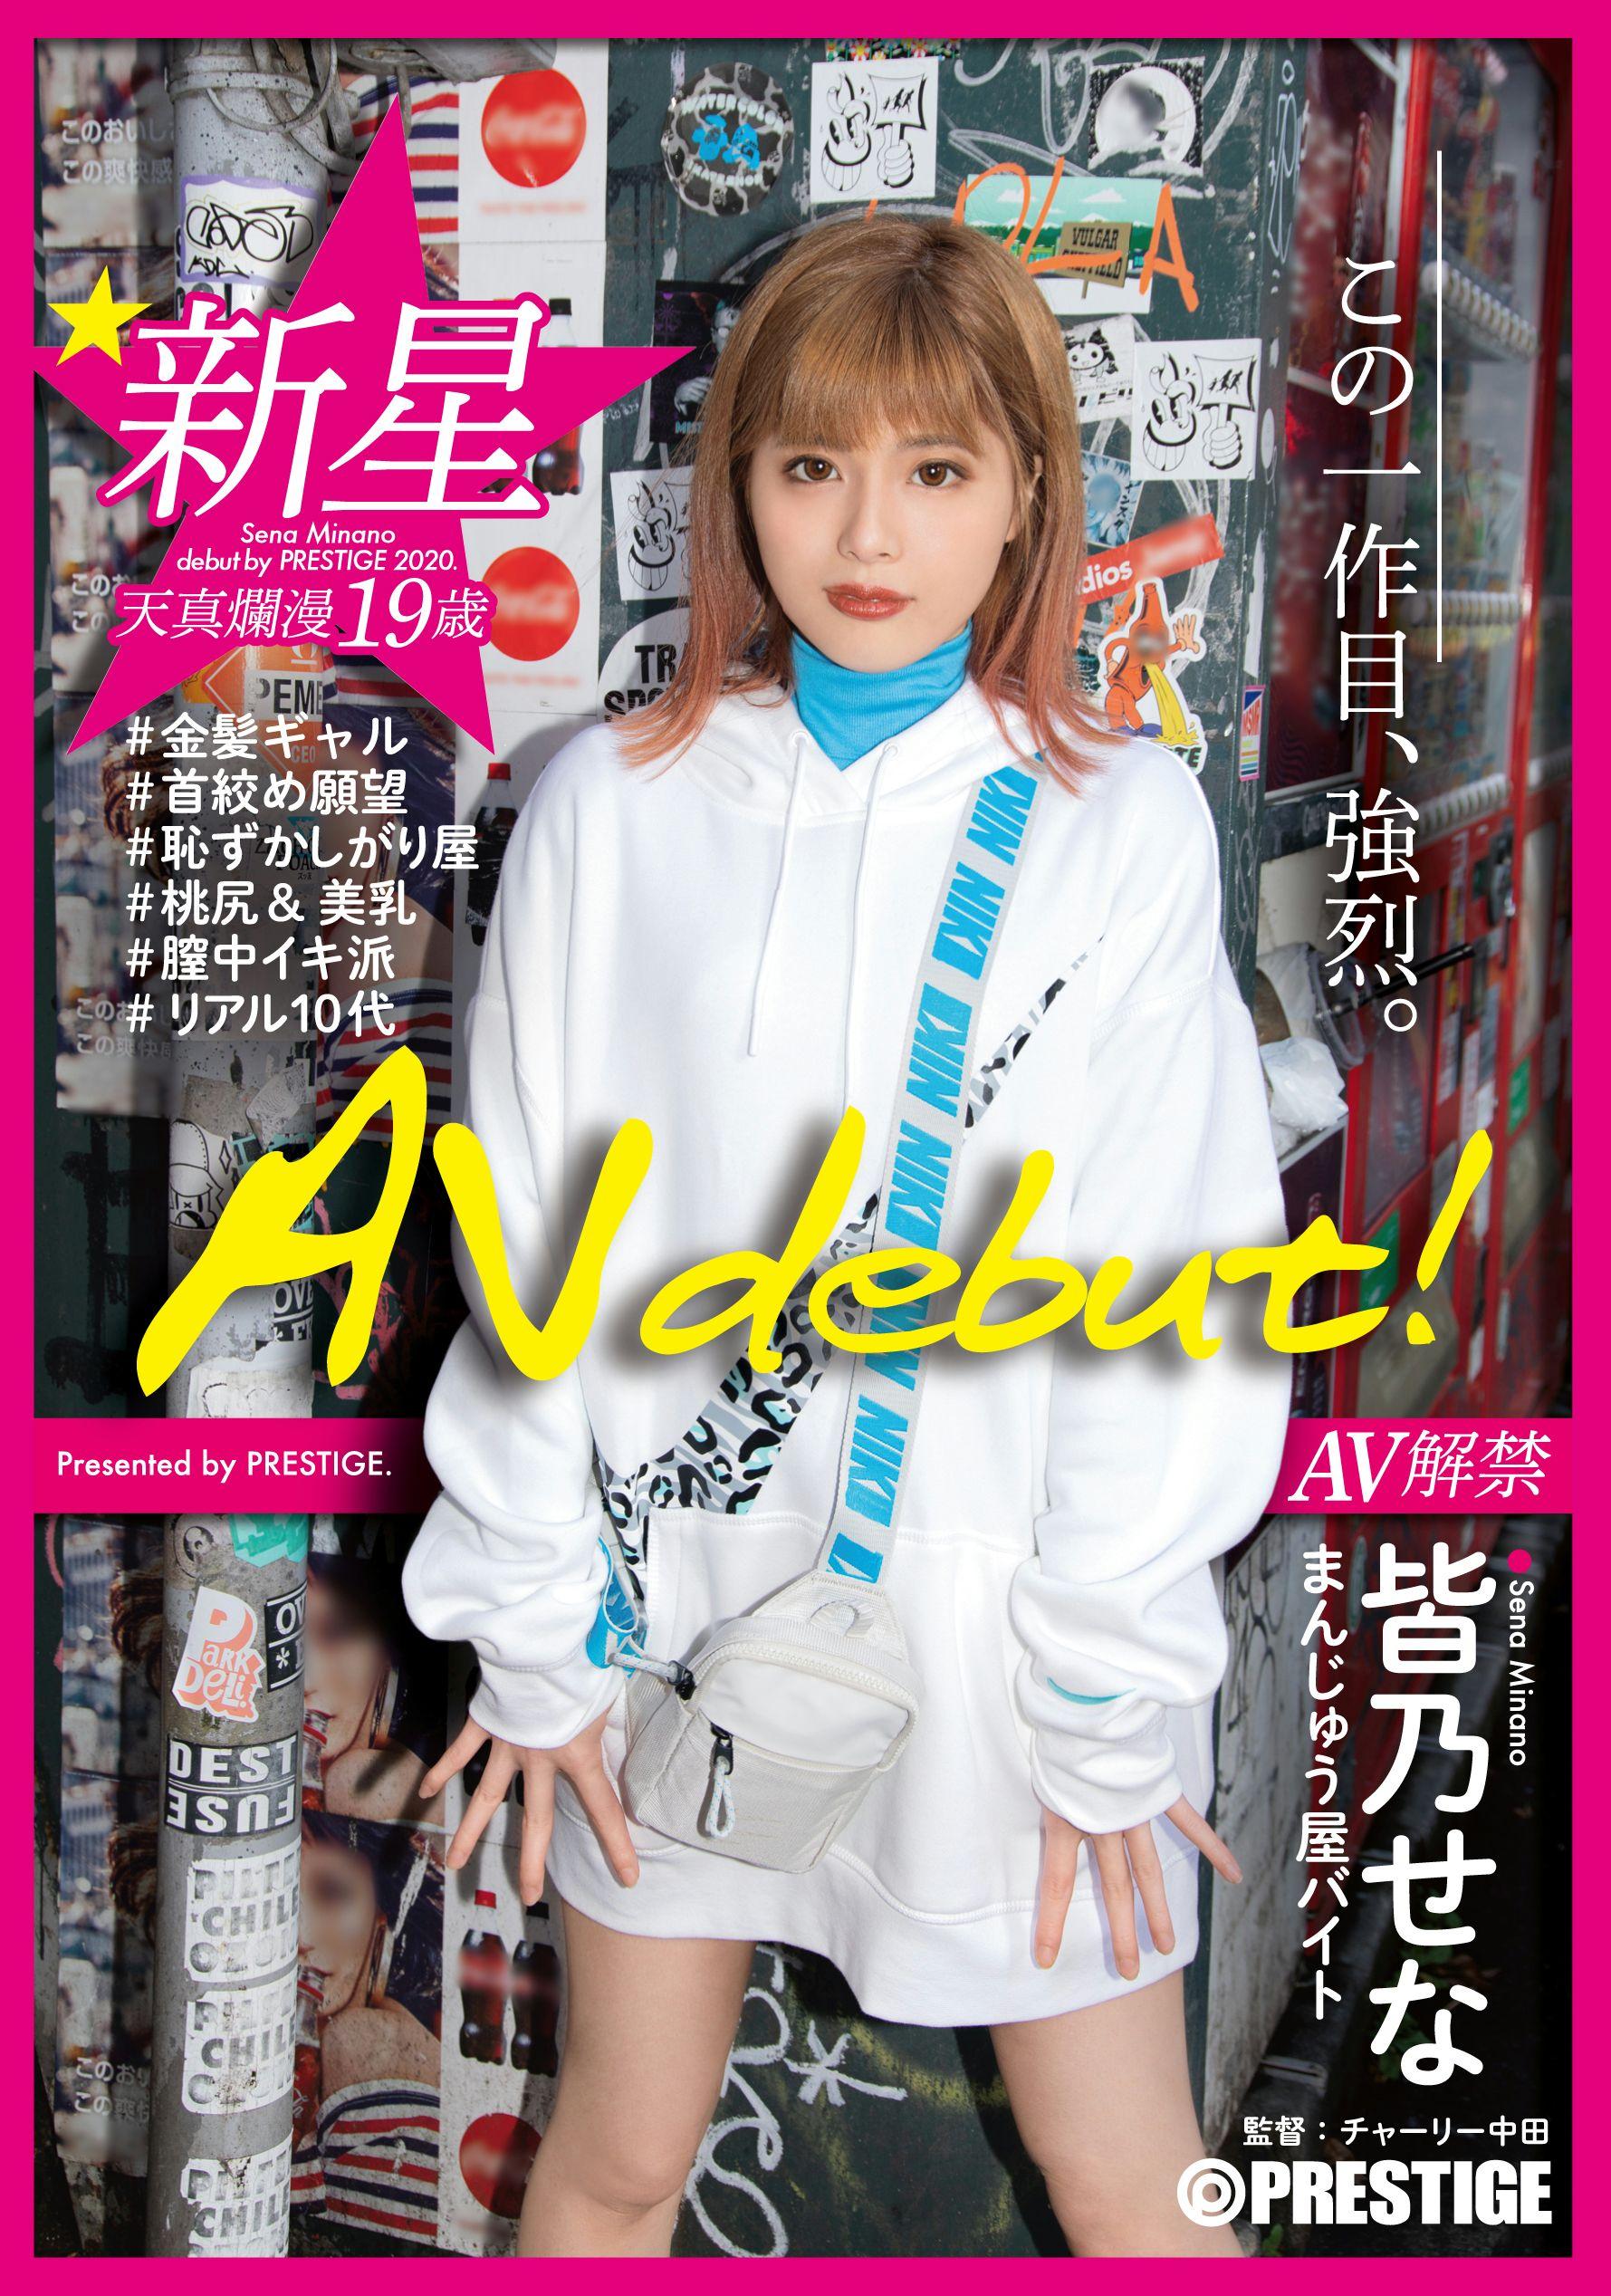 新星 AV debut! 皆乃せな 【衝撃】普通の女の子の、普通じゃないデビュー作